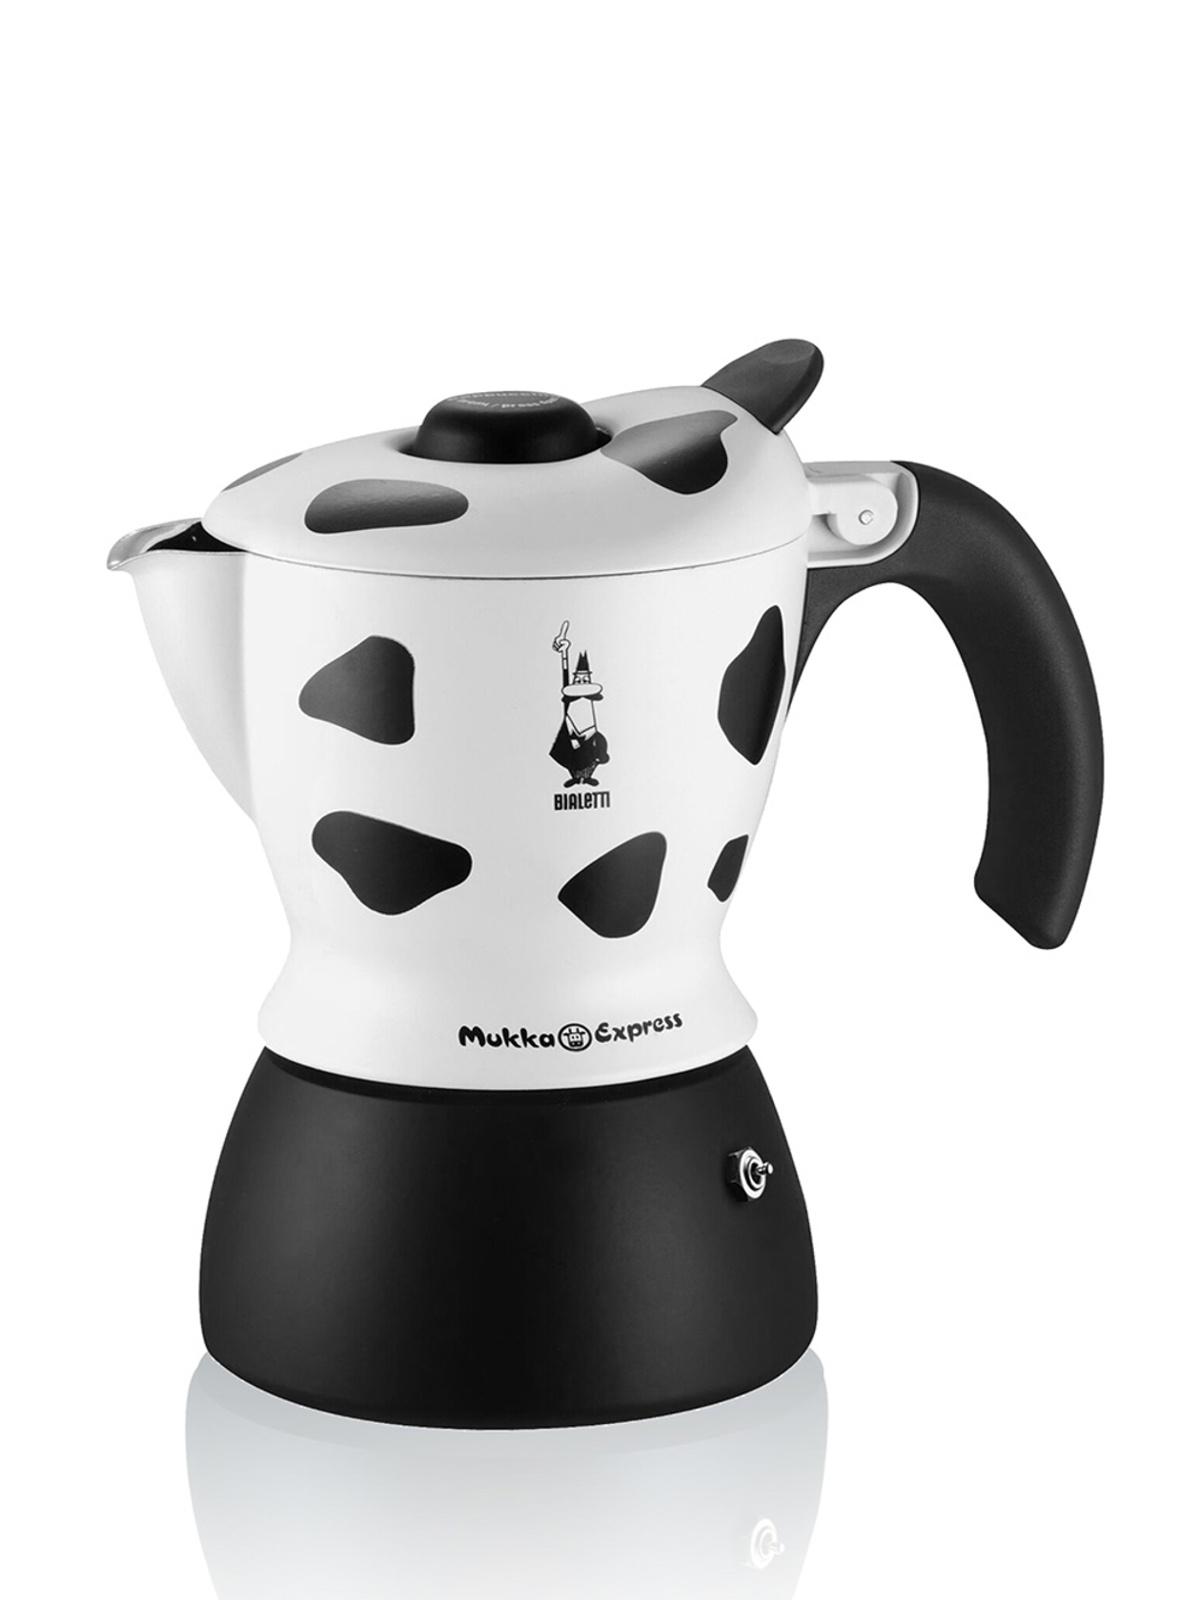 Гейзерная кофеварка Bialetti Mukka Express, белый, черный кофеварка гейзерная bialetti moka induzione 3 порции сталь 4922